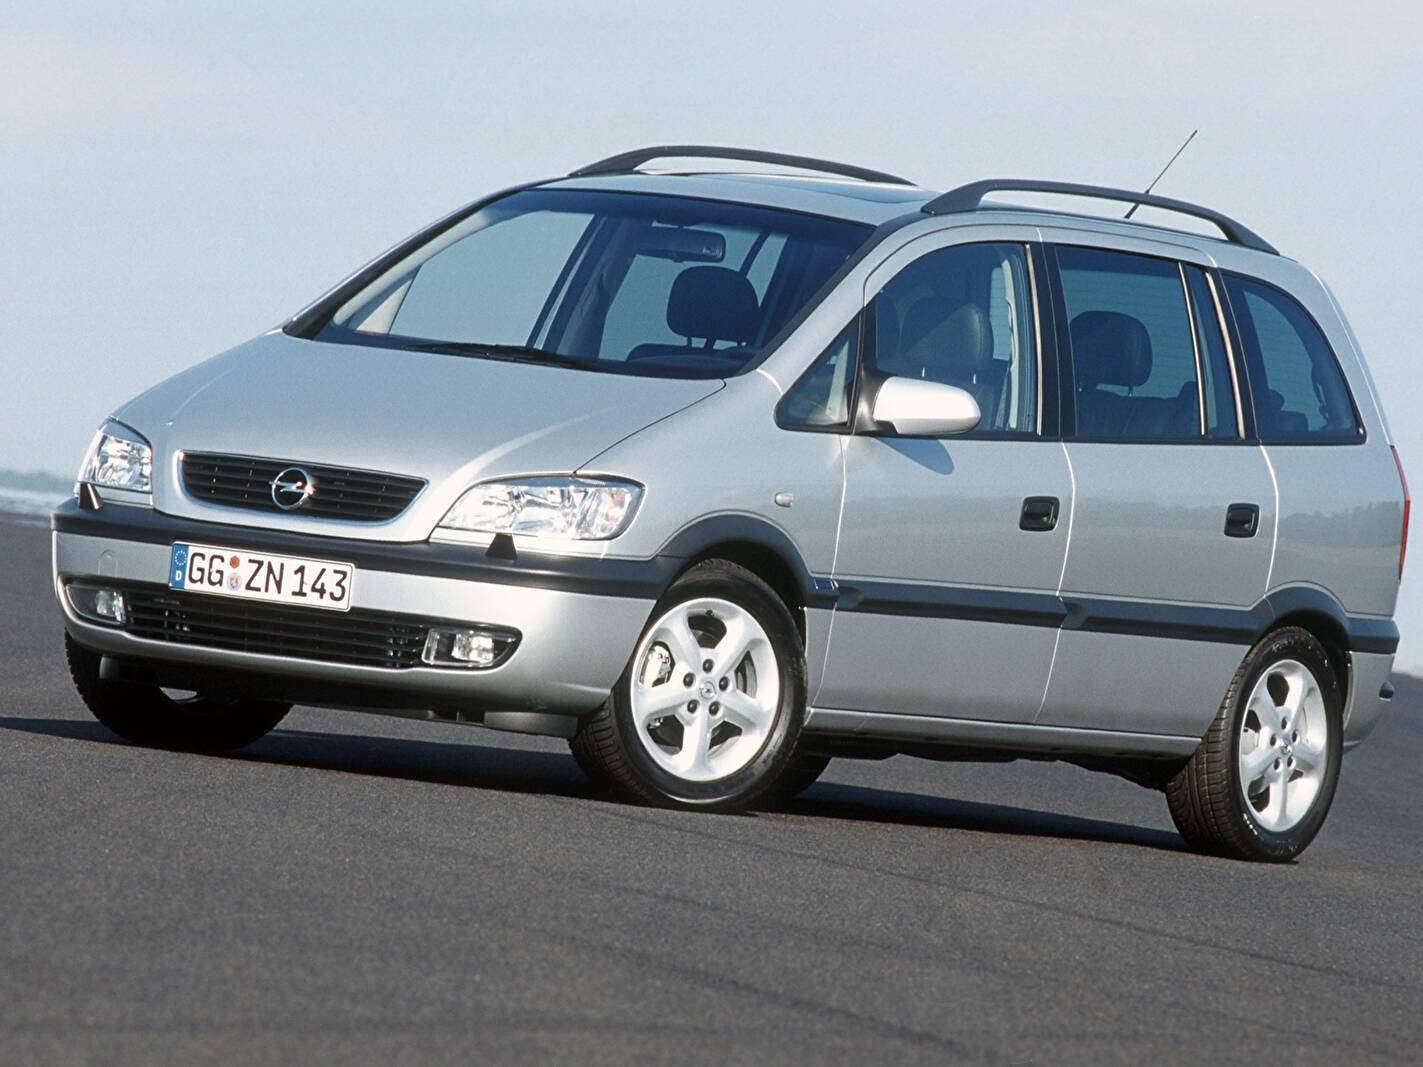 Opel Zafira 2.2 16v (2000-2005),  ajouté par fox58